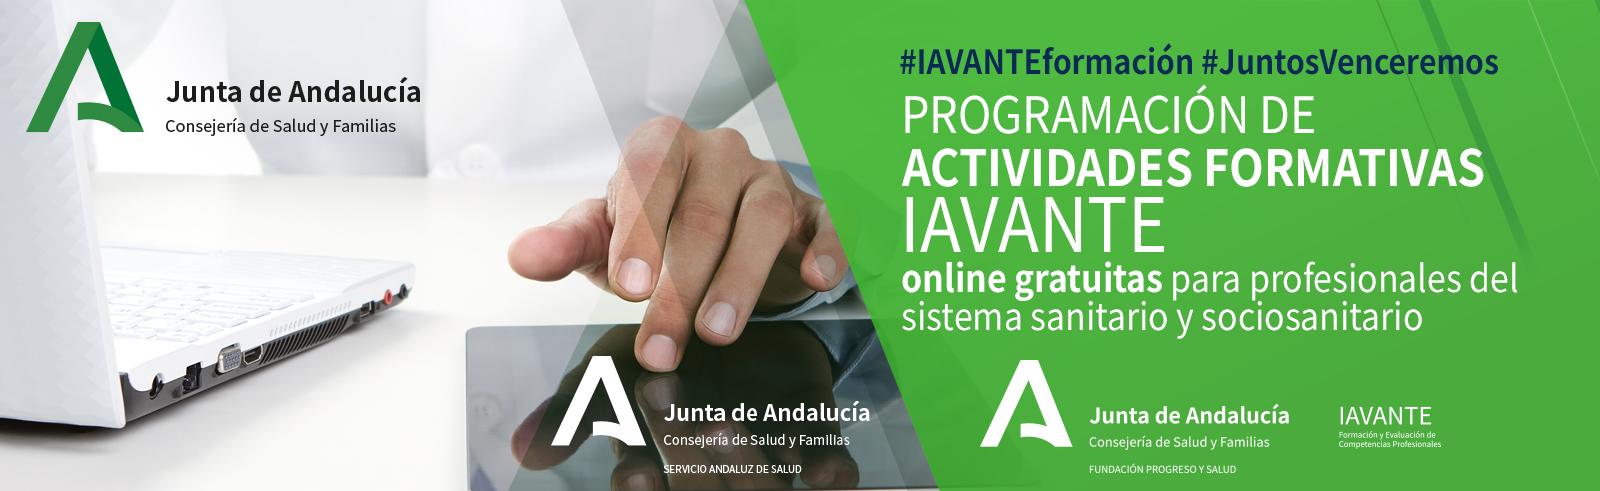 IAVANTE - Cursos online gratuitos para profesionales sanitarios y sociosanitarios